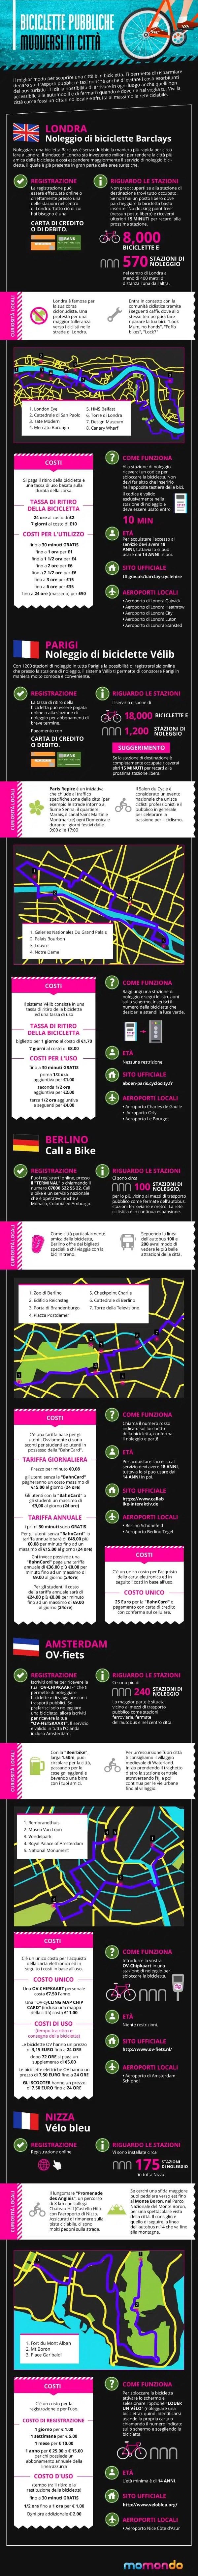 Biciclette pubbliche - muoversi in città